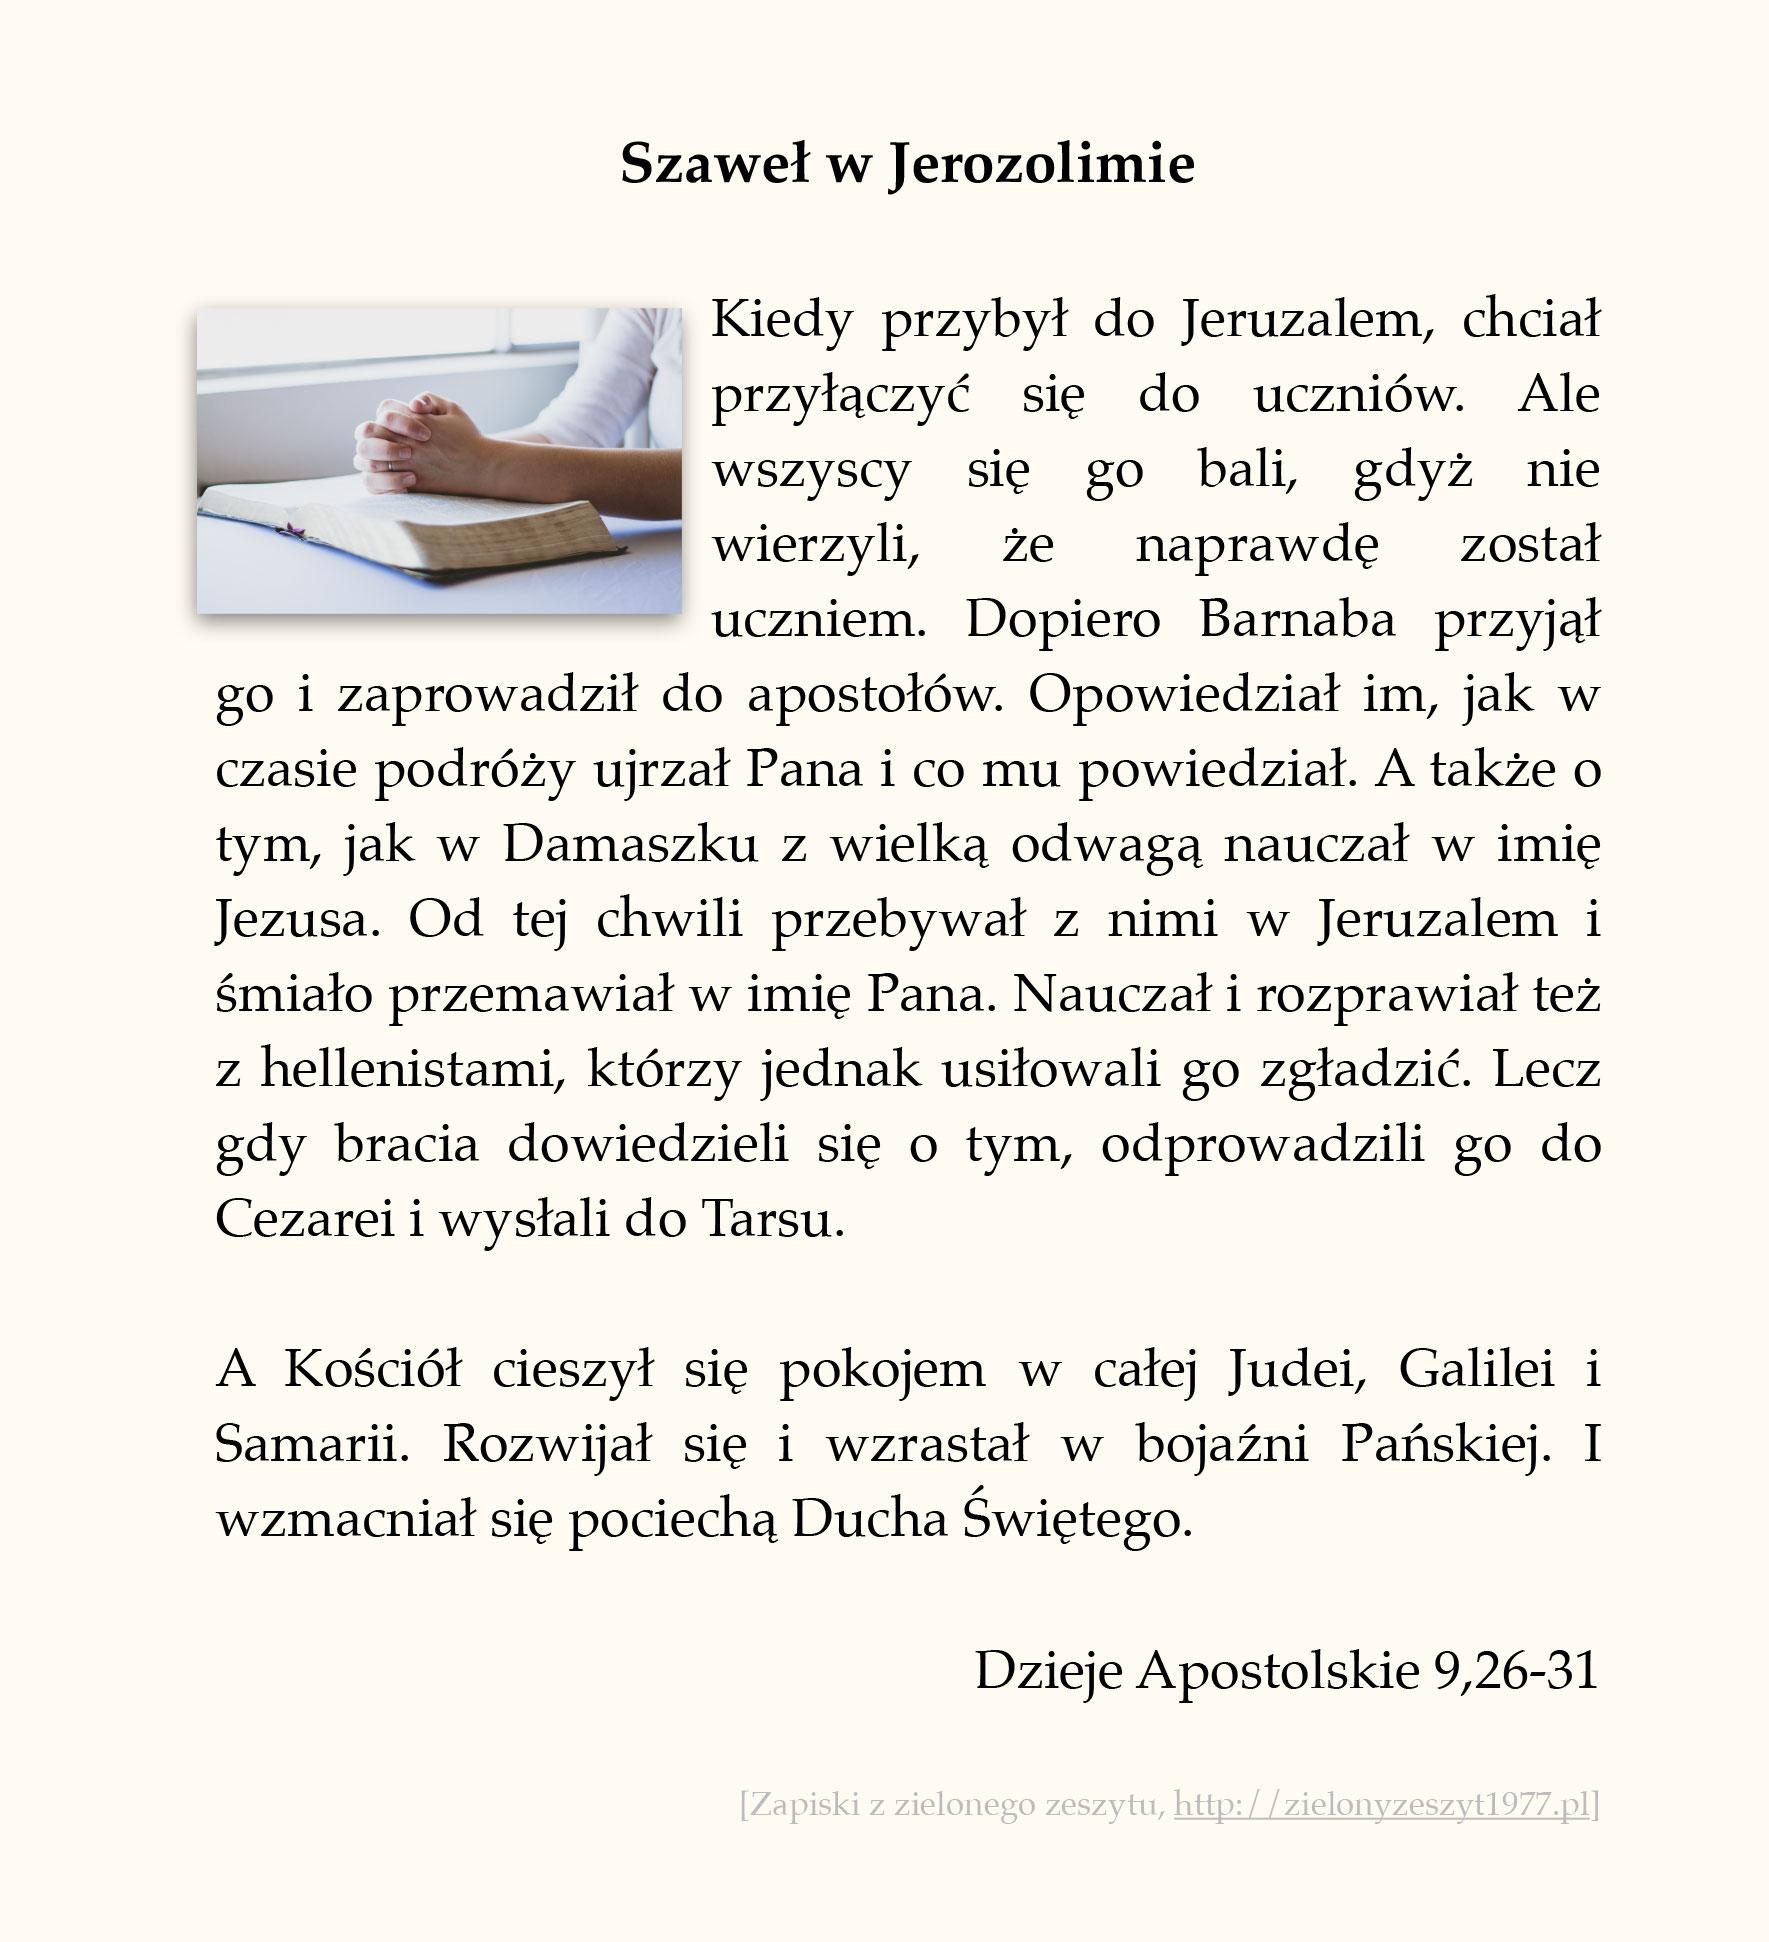 Szaweł w Jerozolimie; Dzieje Apostolskie (#42)